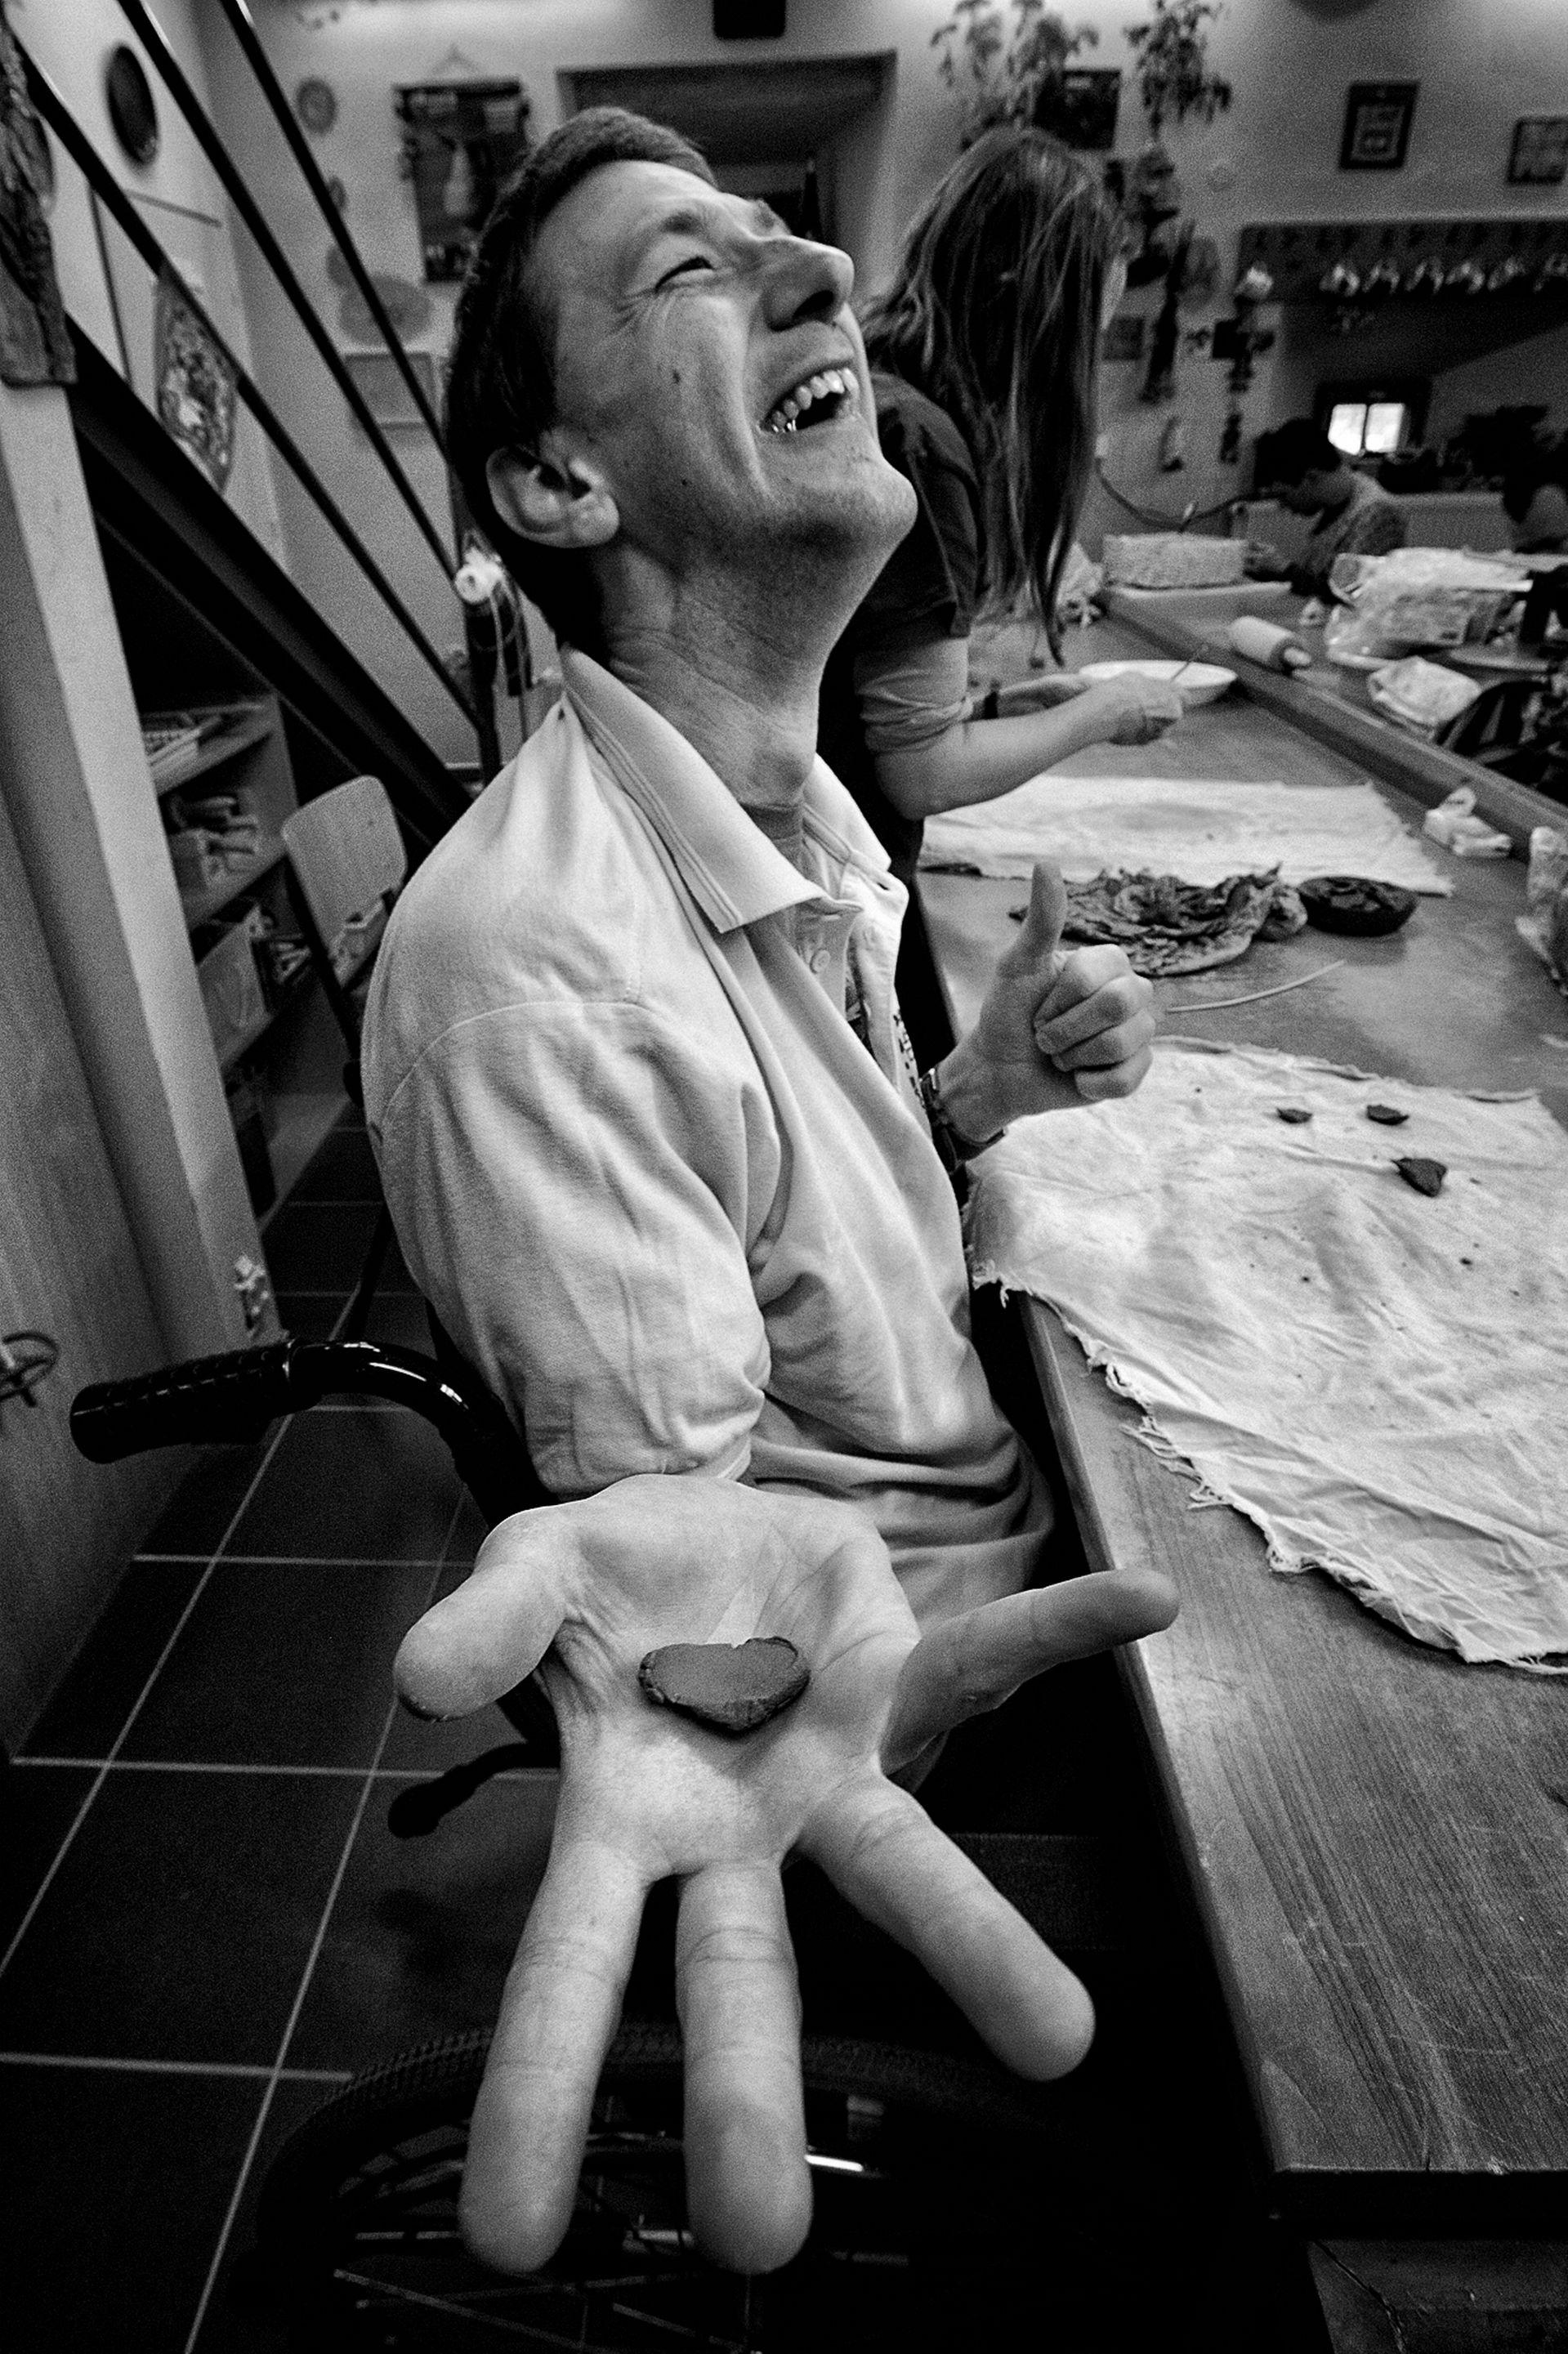 Život s handicapem - Jan Jirkovský